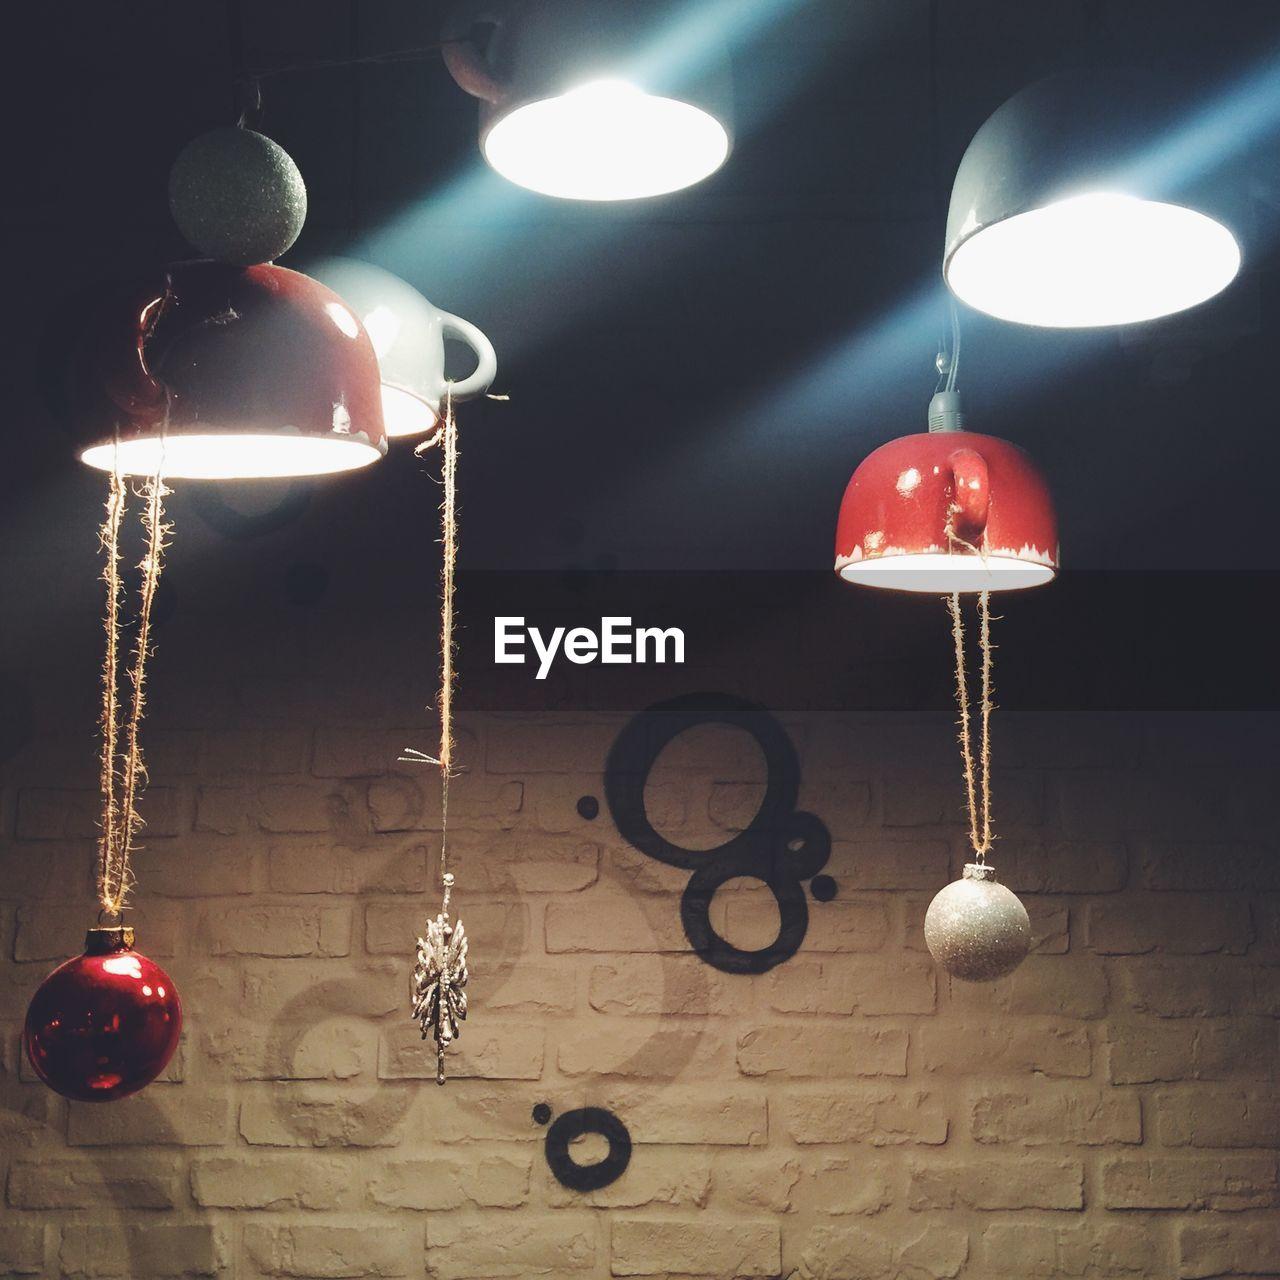 ILLUMINATED LAMP HANGING IN ROOM